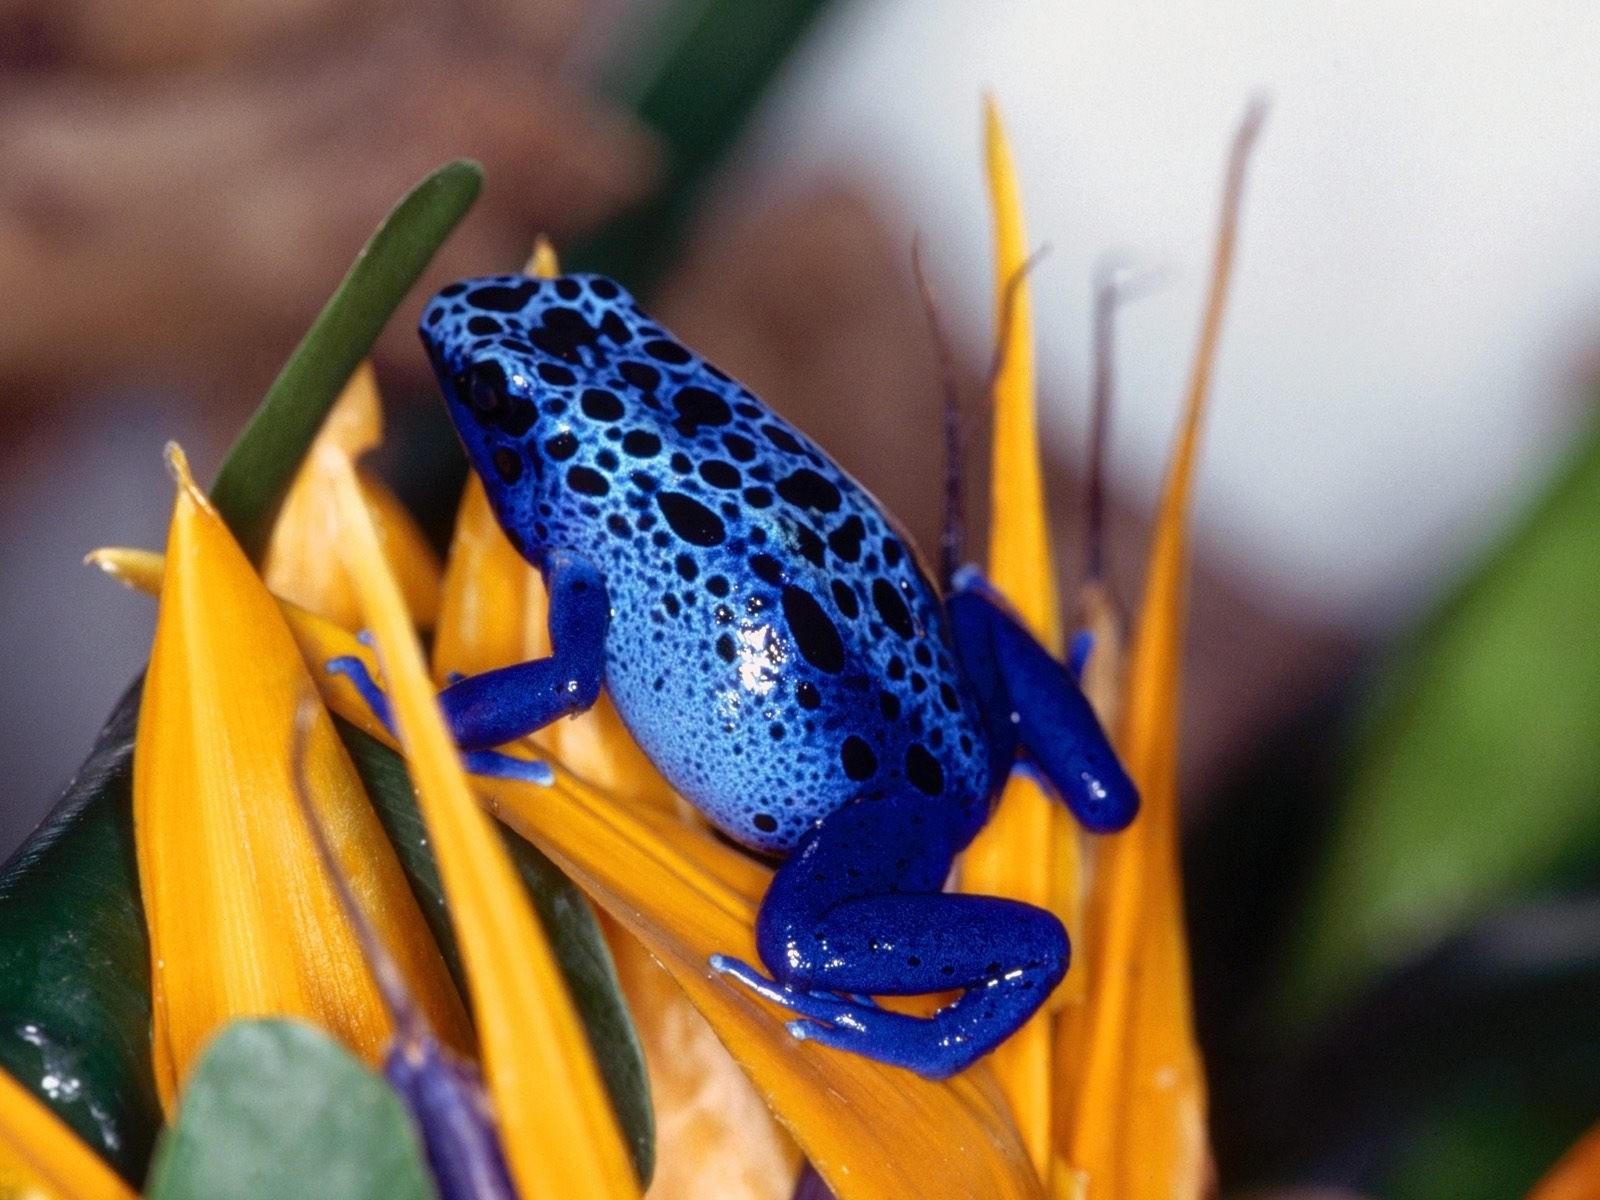 Сине-черная лягушка